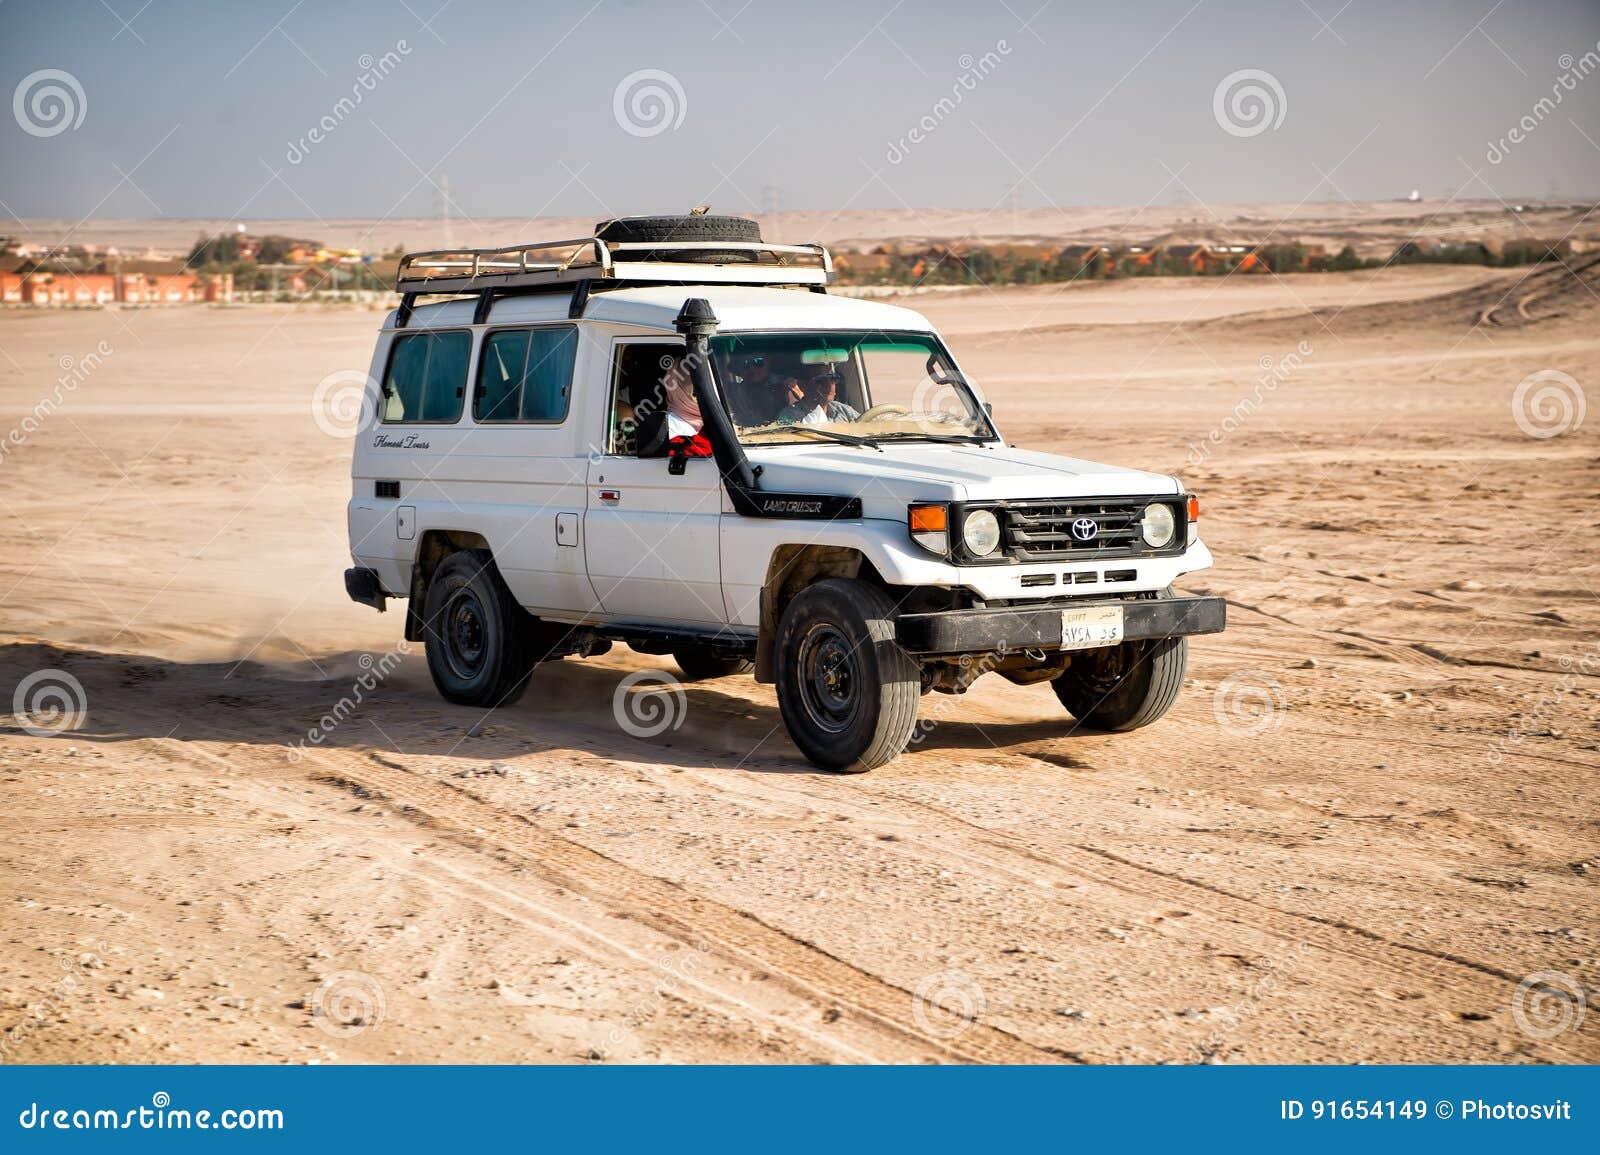 Toyota Of The Desert >> White Toyota Car Driving In Desert Of Hurghada Egypt Editorial